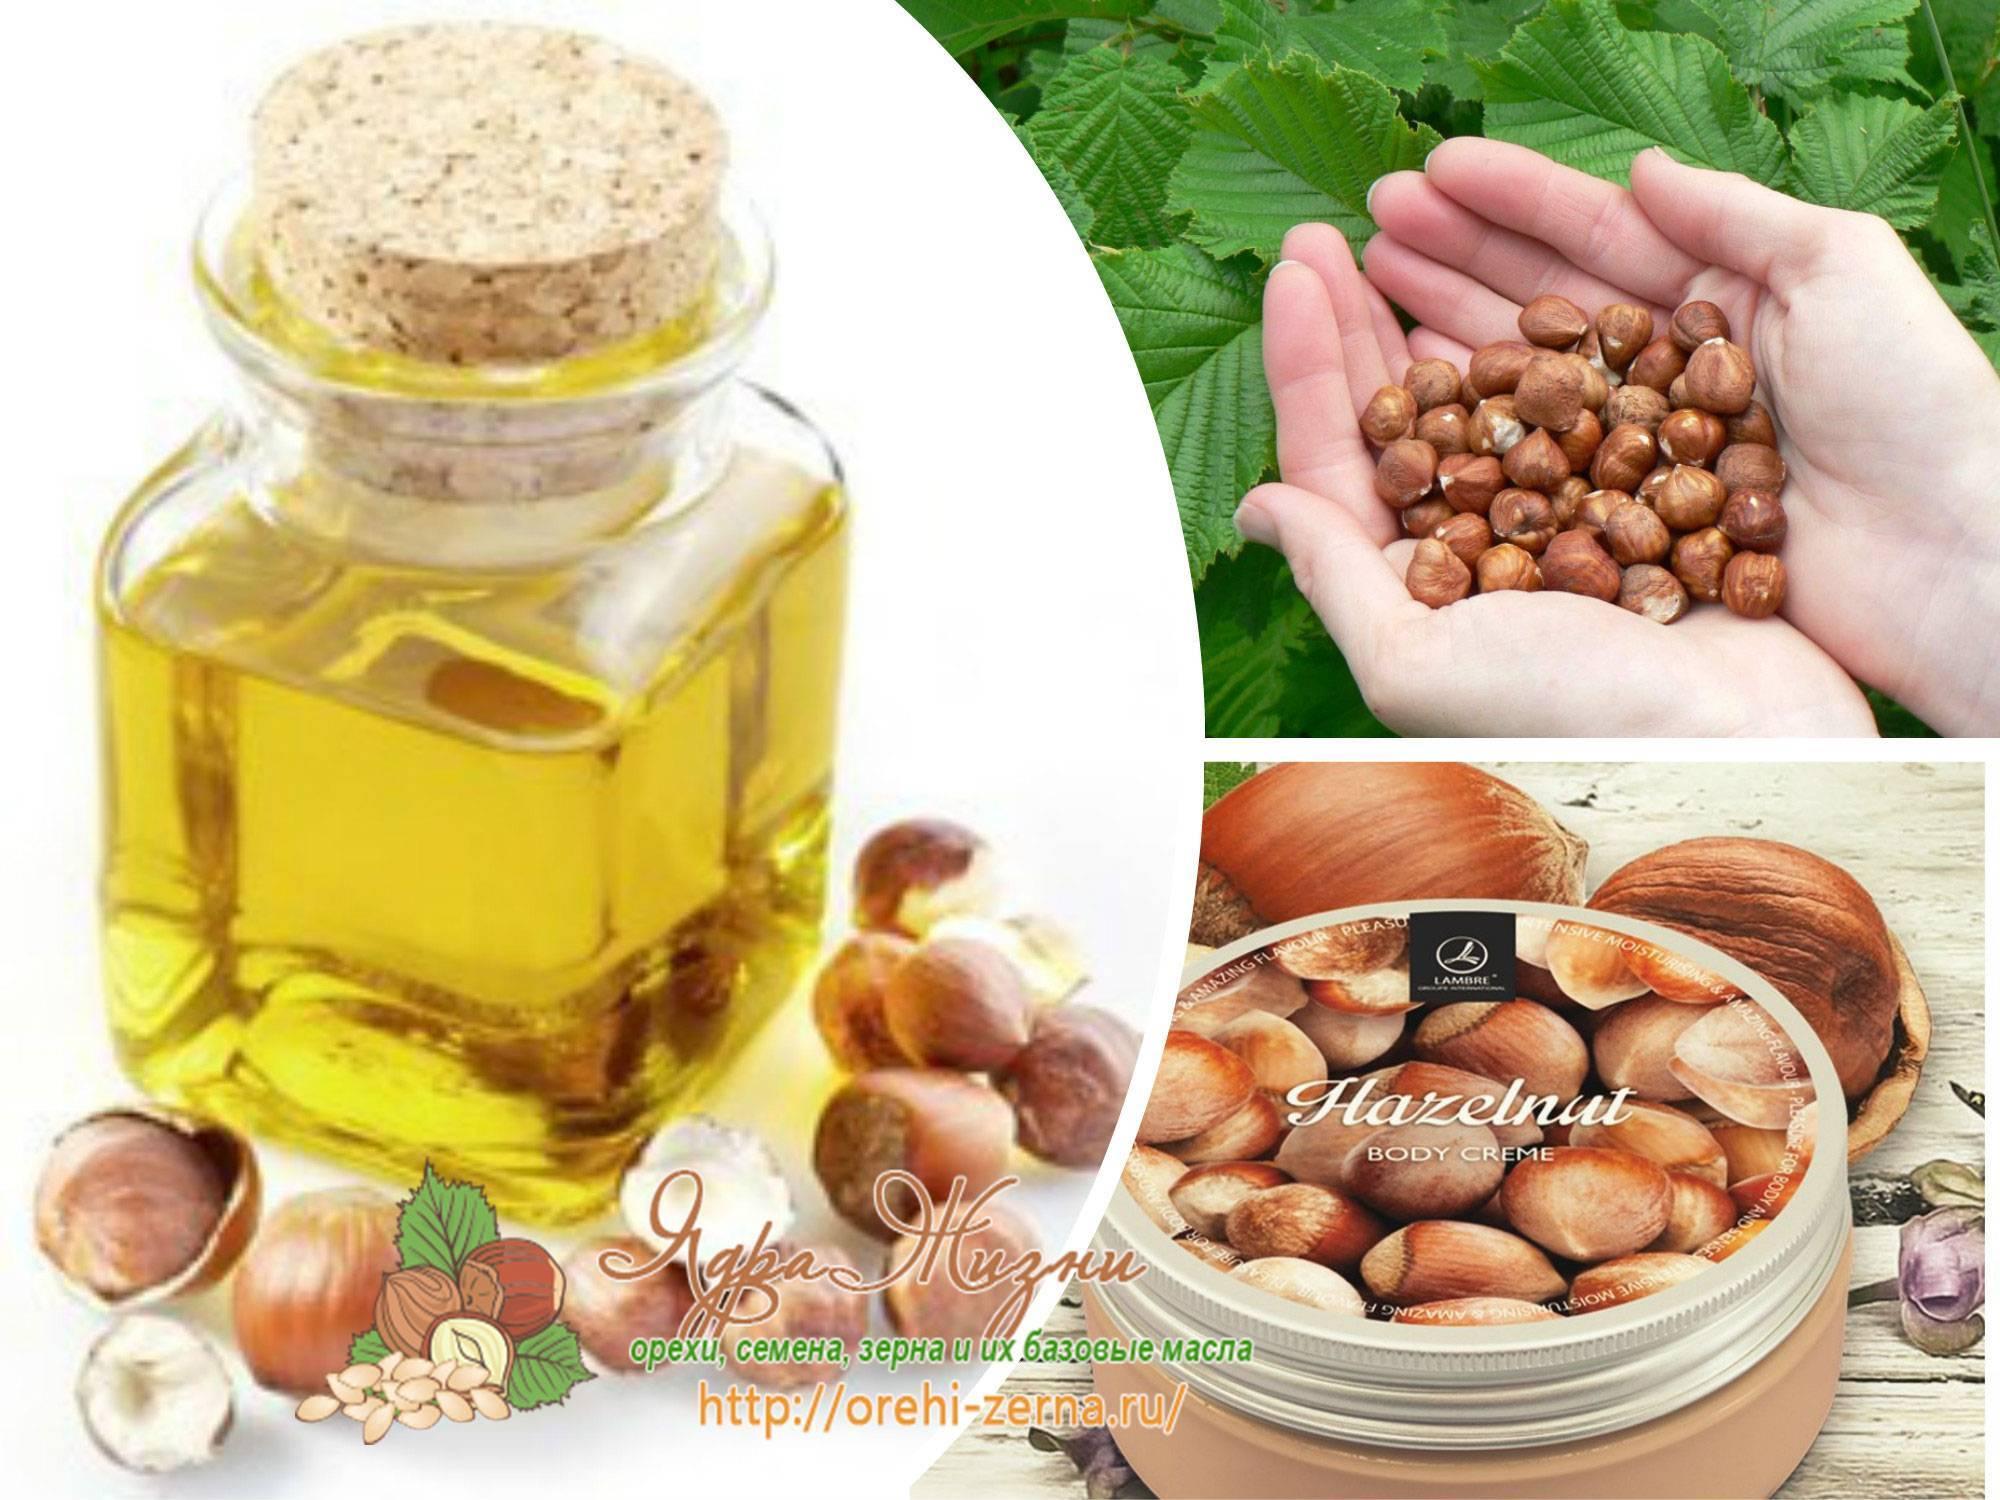 Масло лесного ореха (фундука): состав, свойства. масло лесного ореха в косметологии и кулинарии: рецепты | знать про все